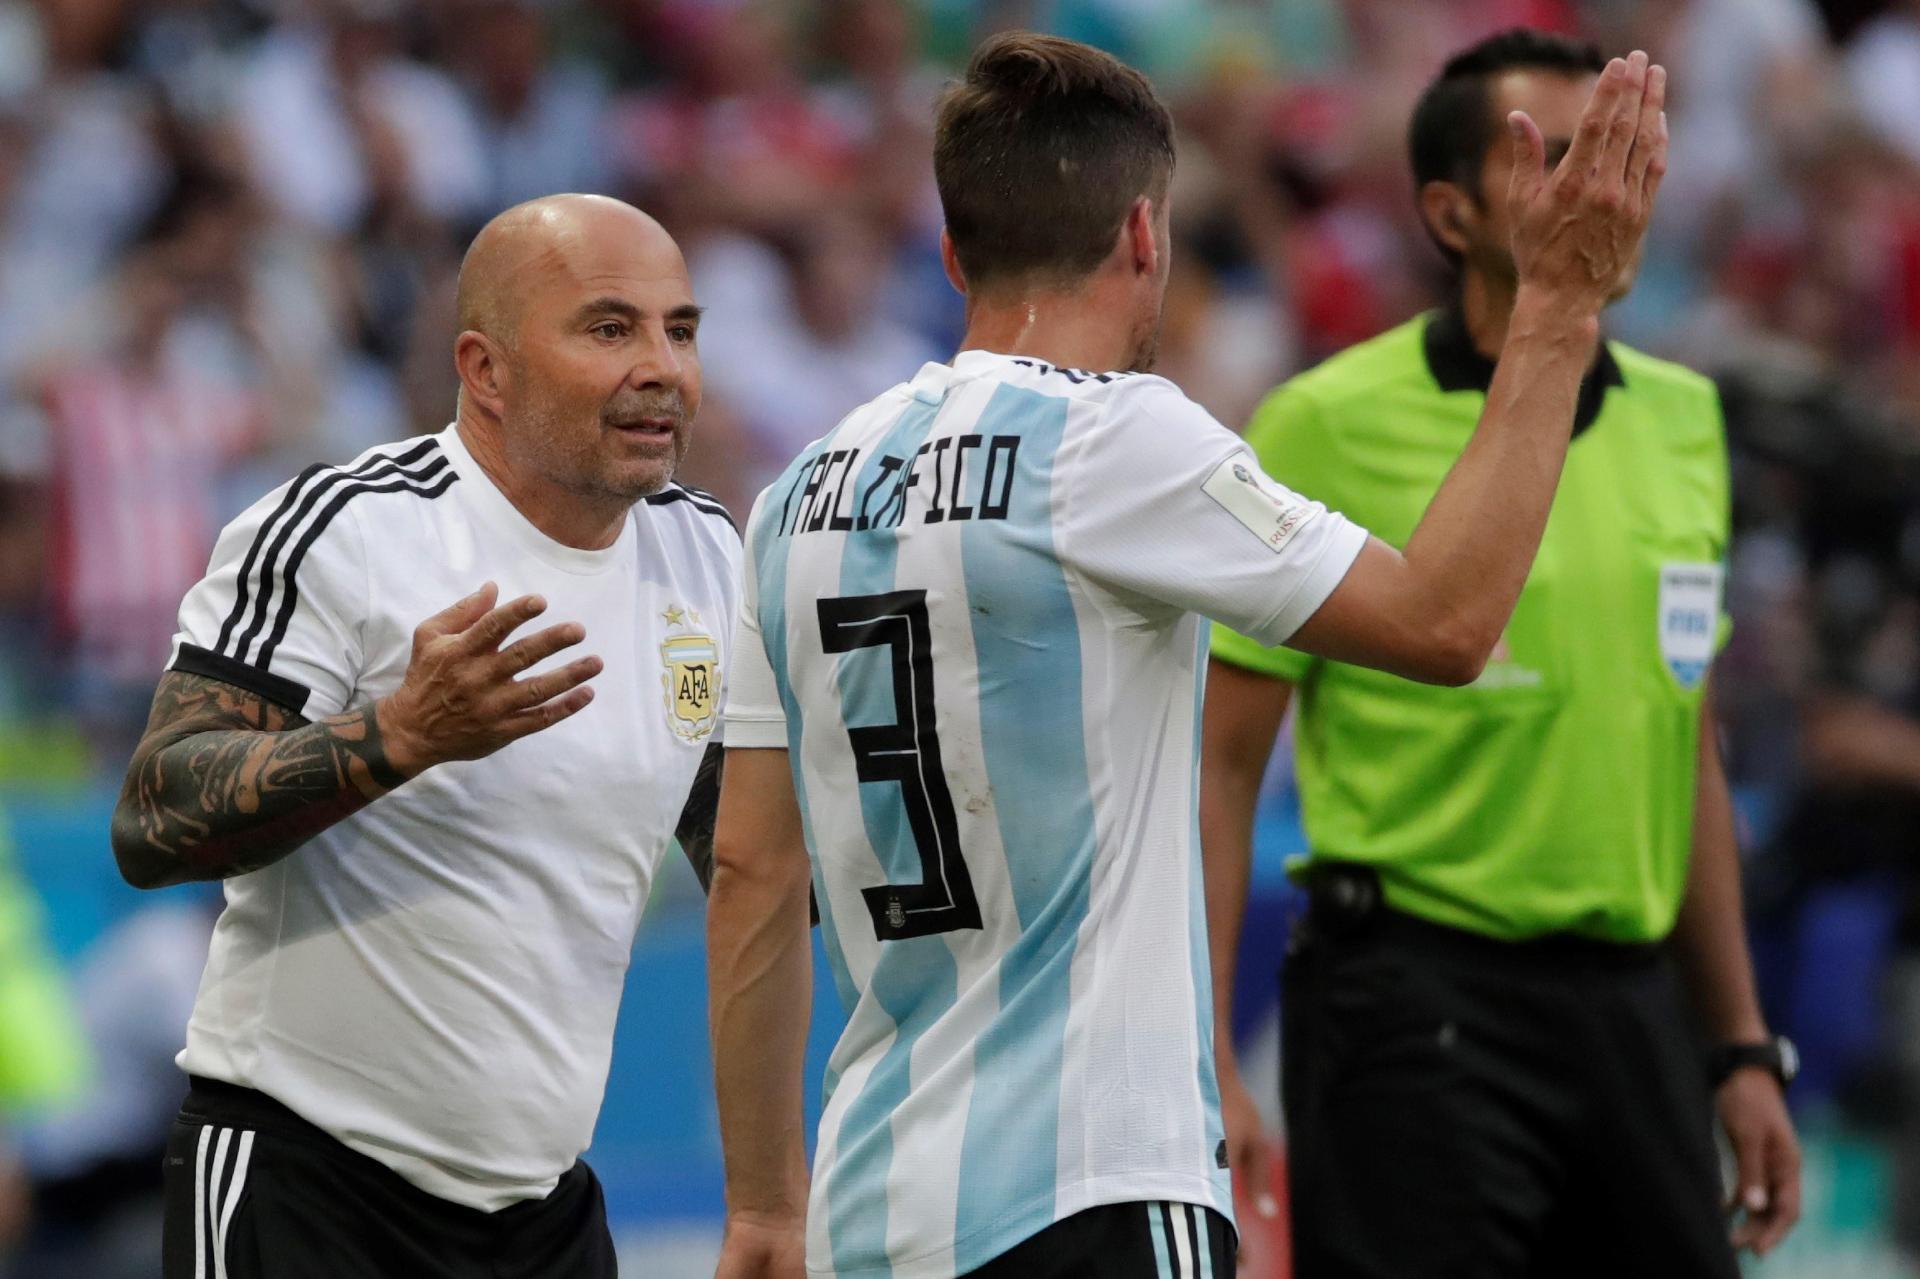 Argentina na Copa 2018  AFA diz não querer, mas Sampaoli insiste em ficar,  e Argentina vive impasse - UOL Copa do Mundo 2018 6253cc6f20